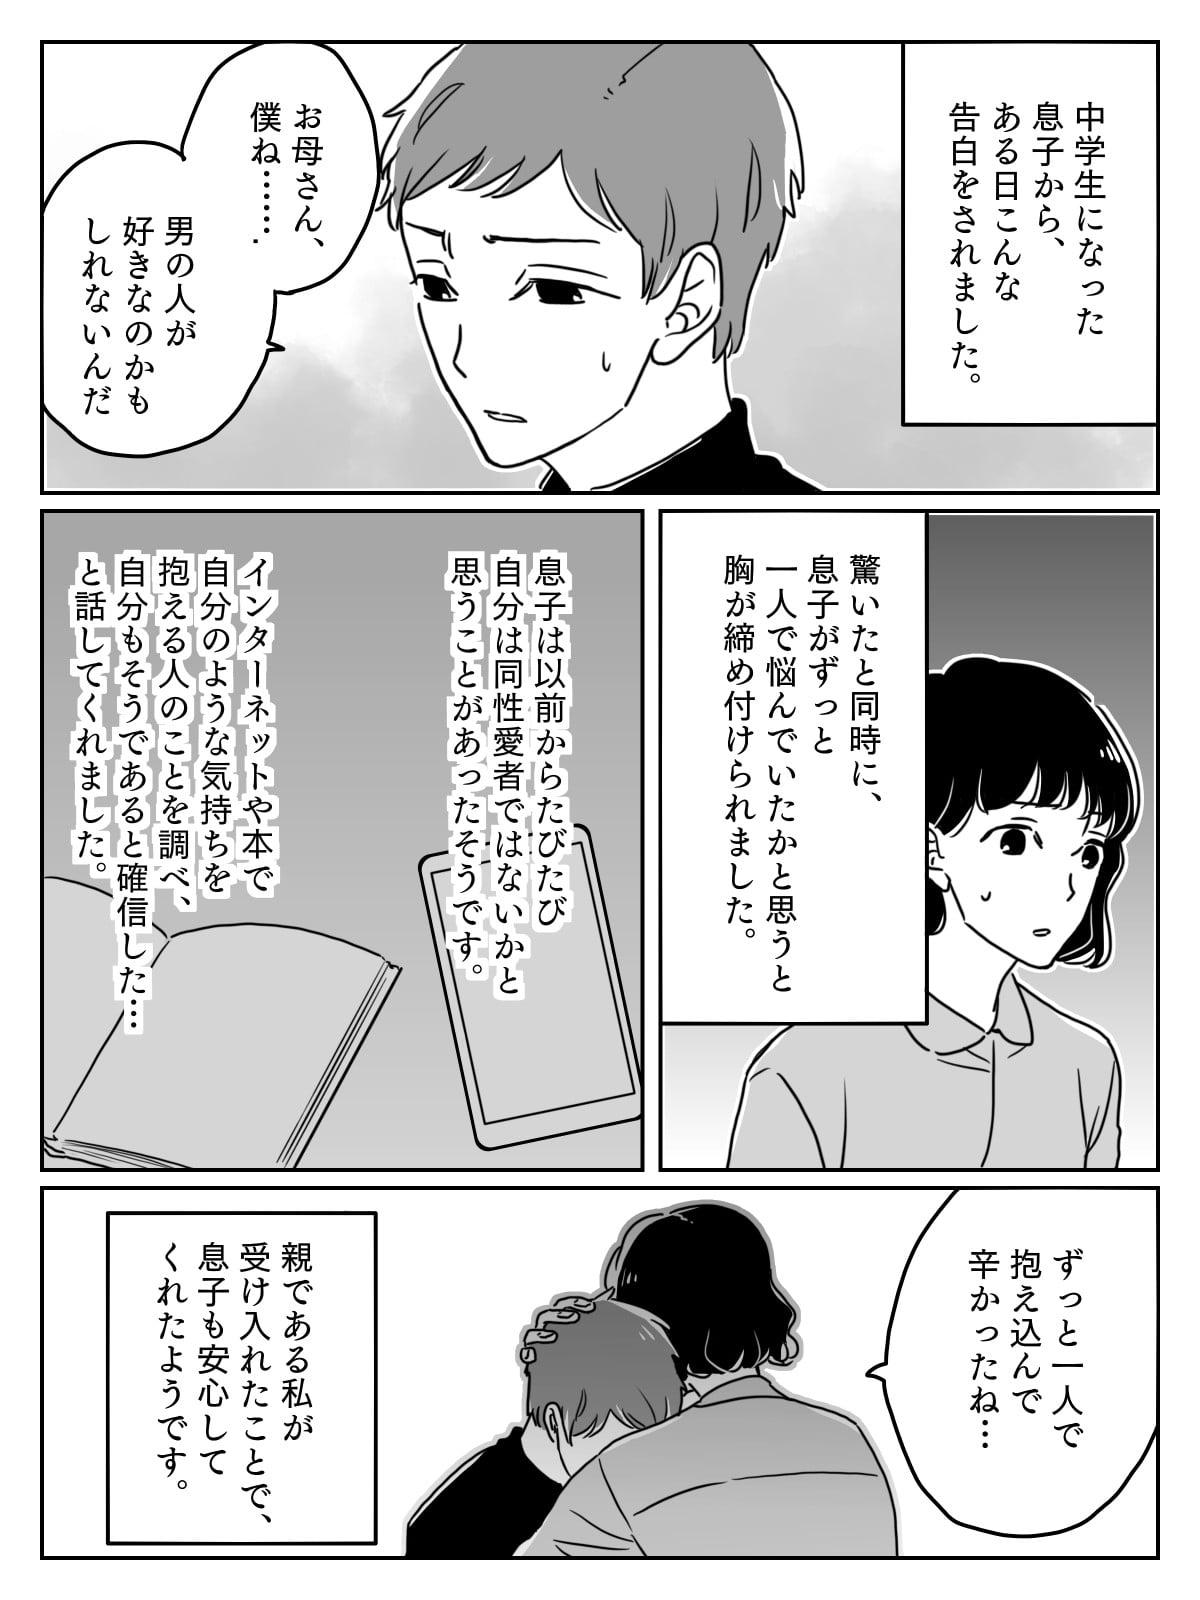 同性愛者の中学生の息子が不登校に……前01